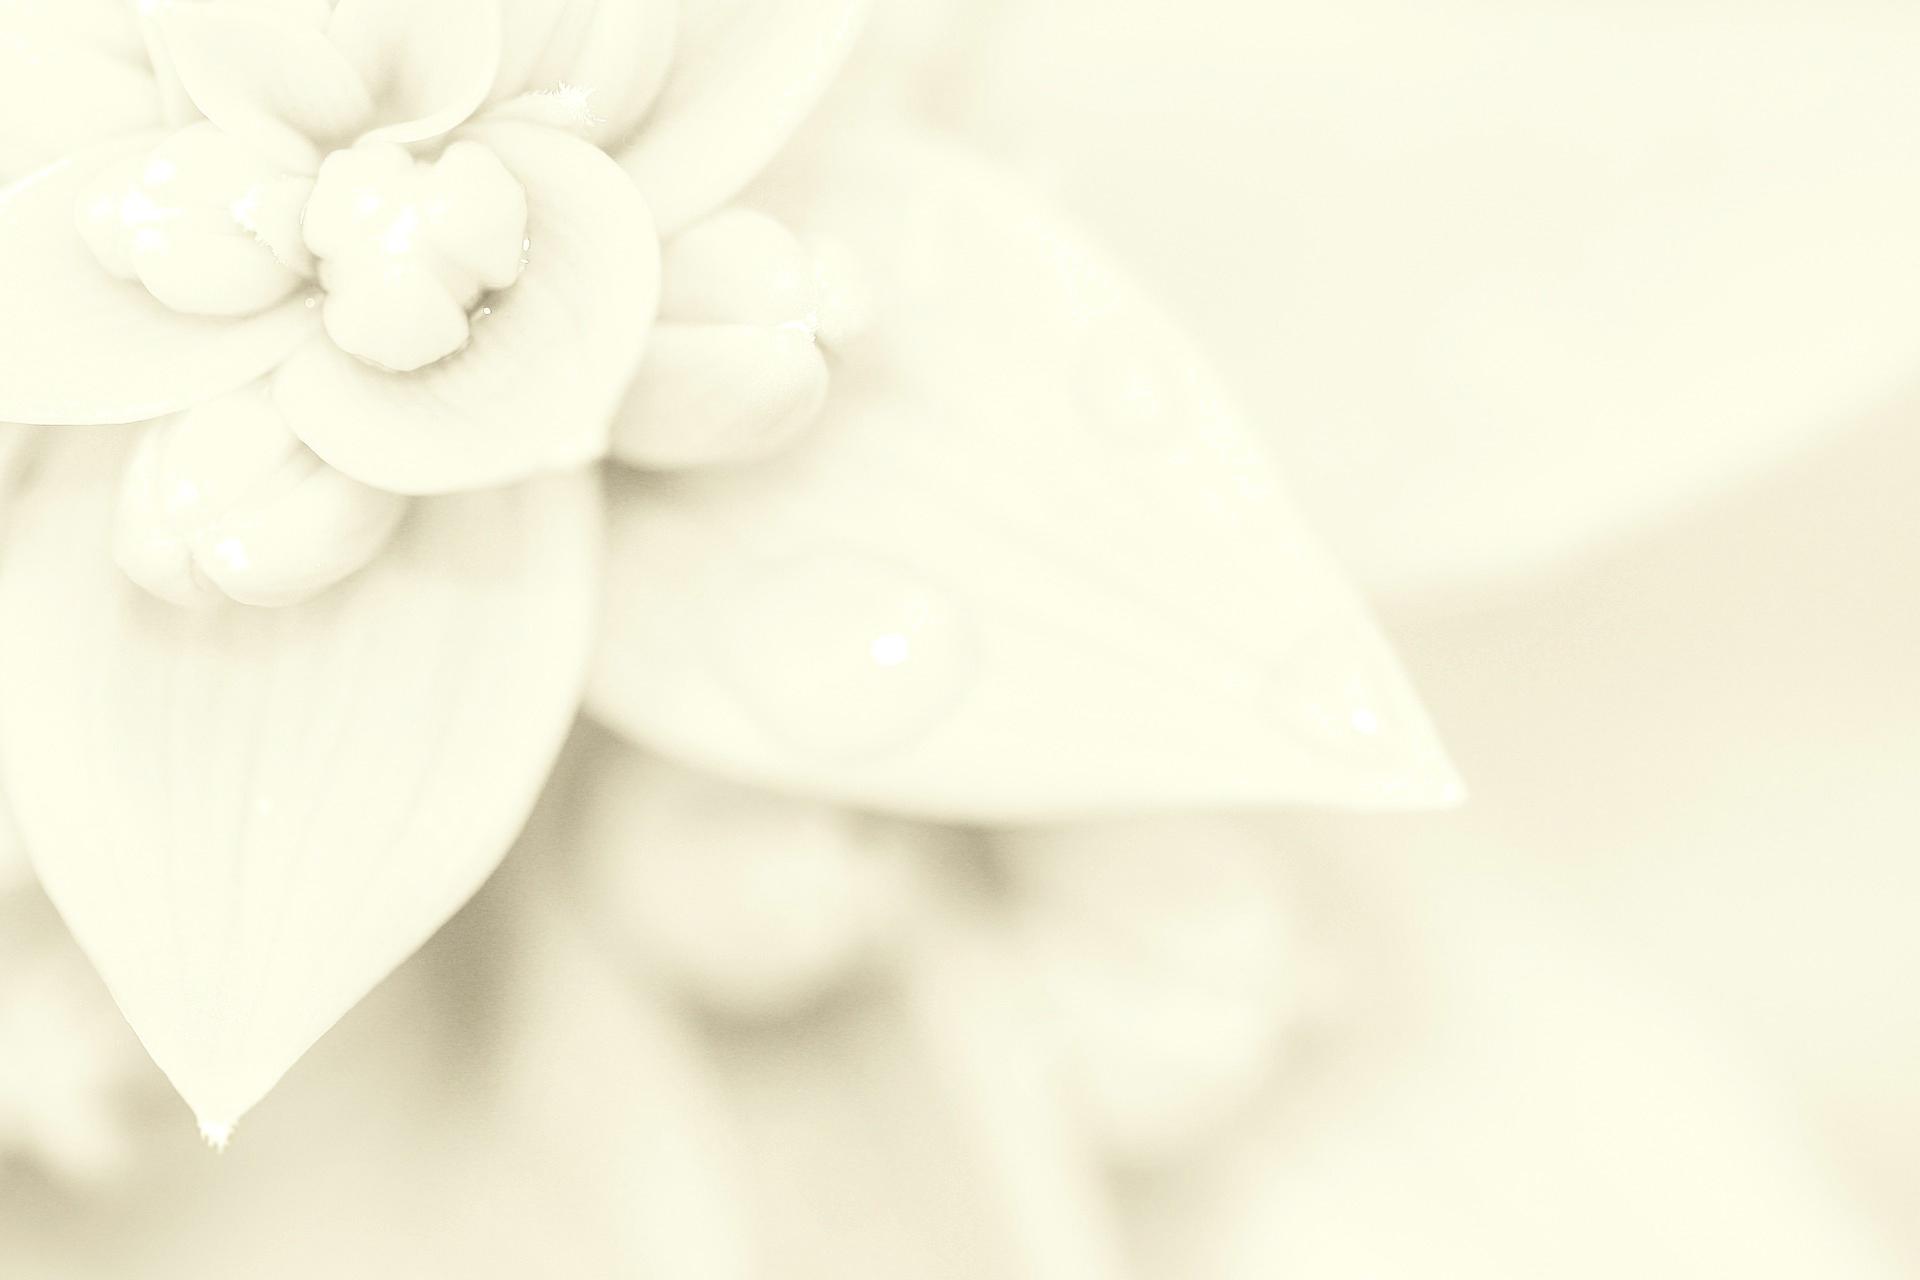 06dbdd63c0f9 Come coinvolgere gli invitati al proprio matrimonio!